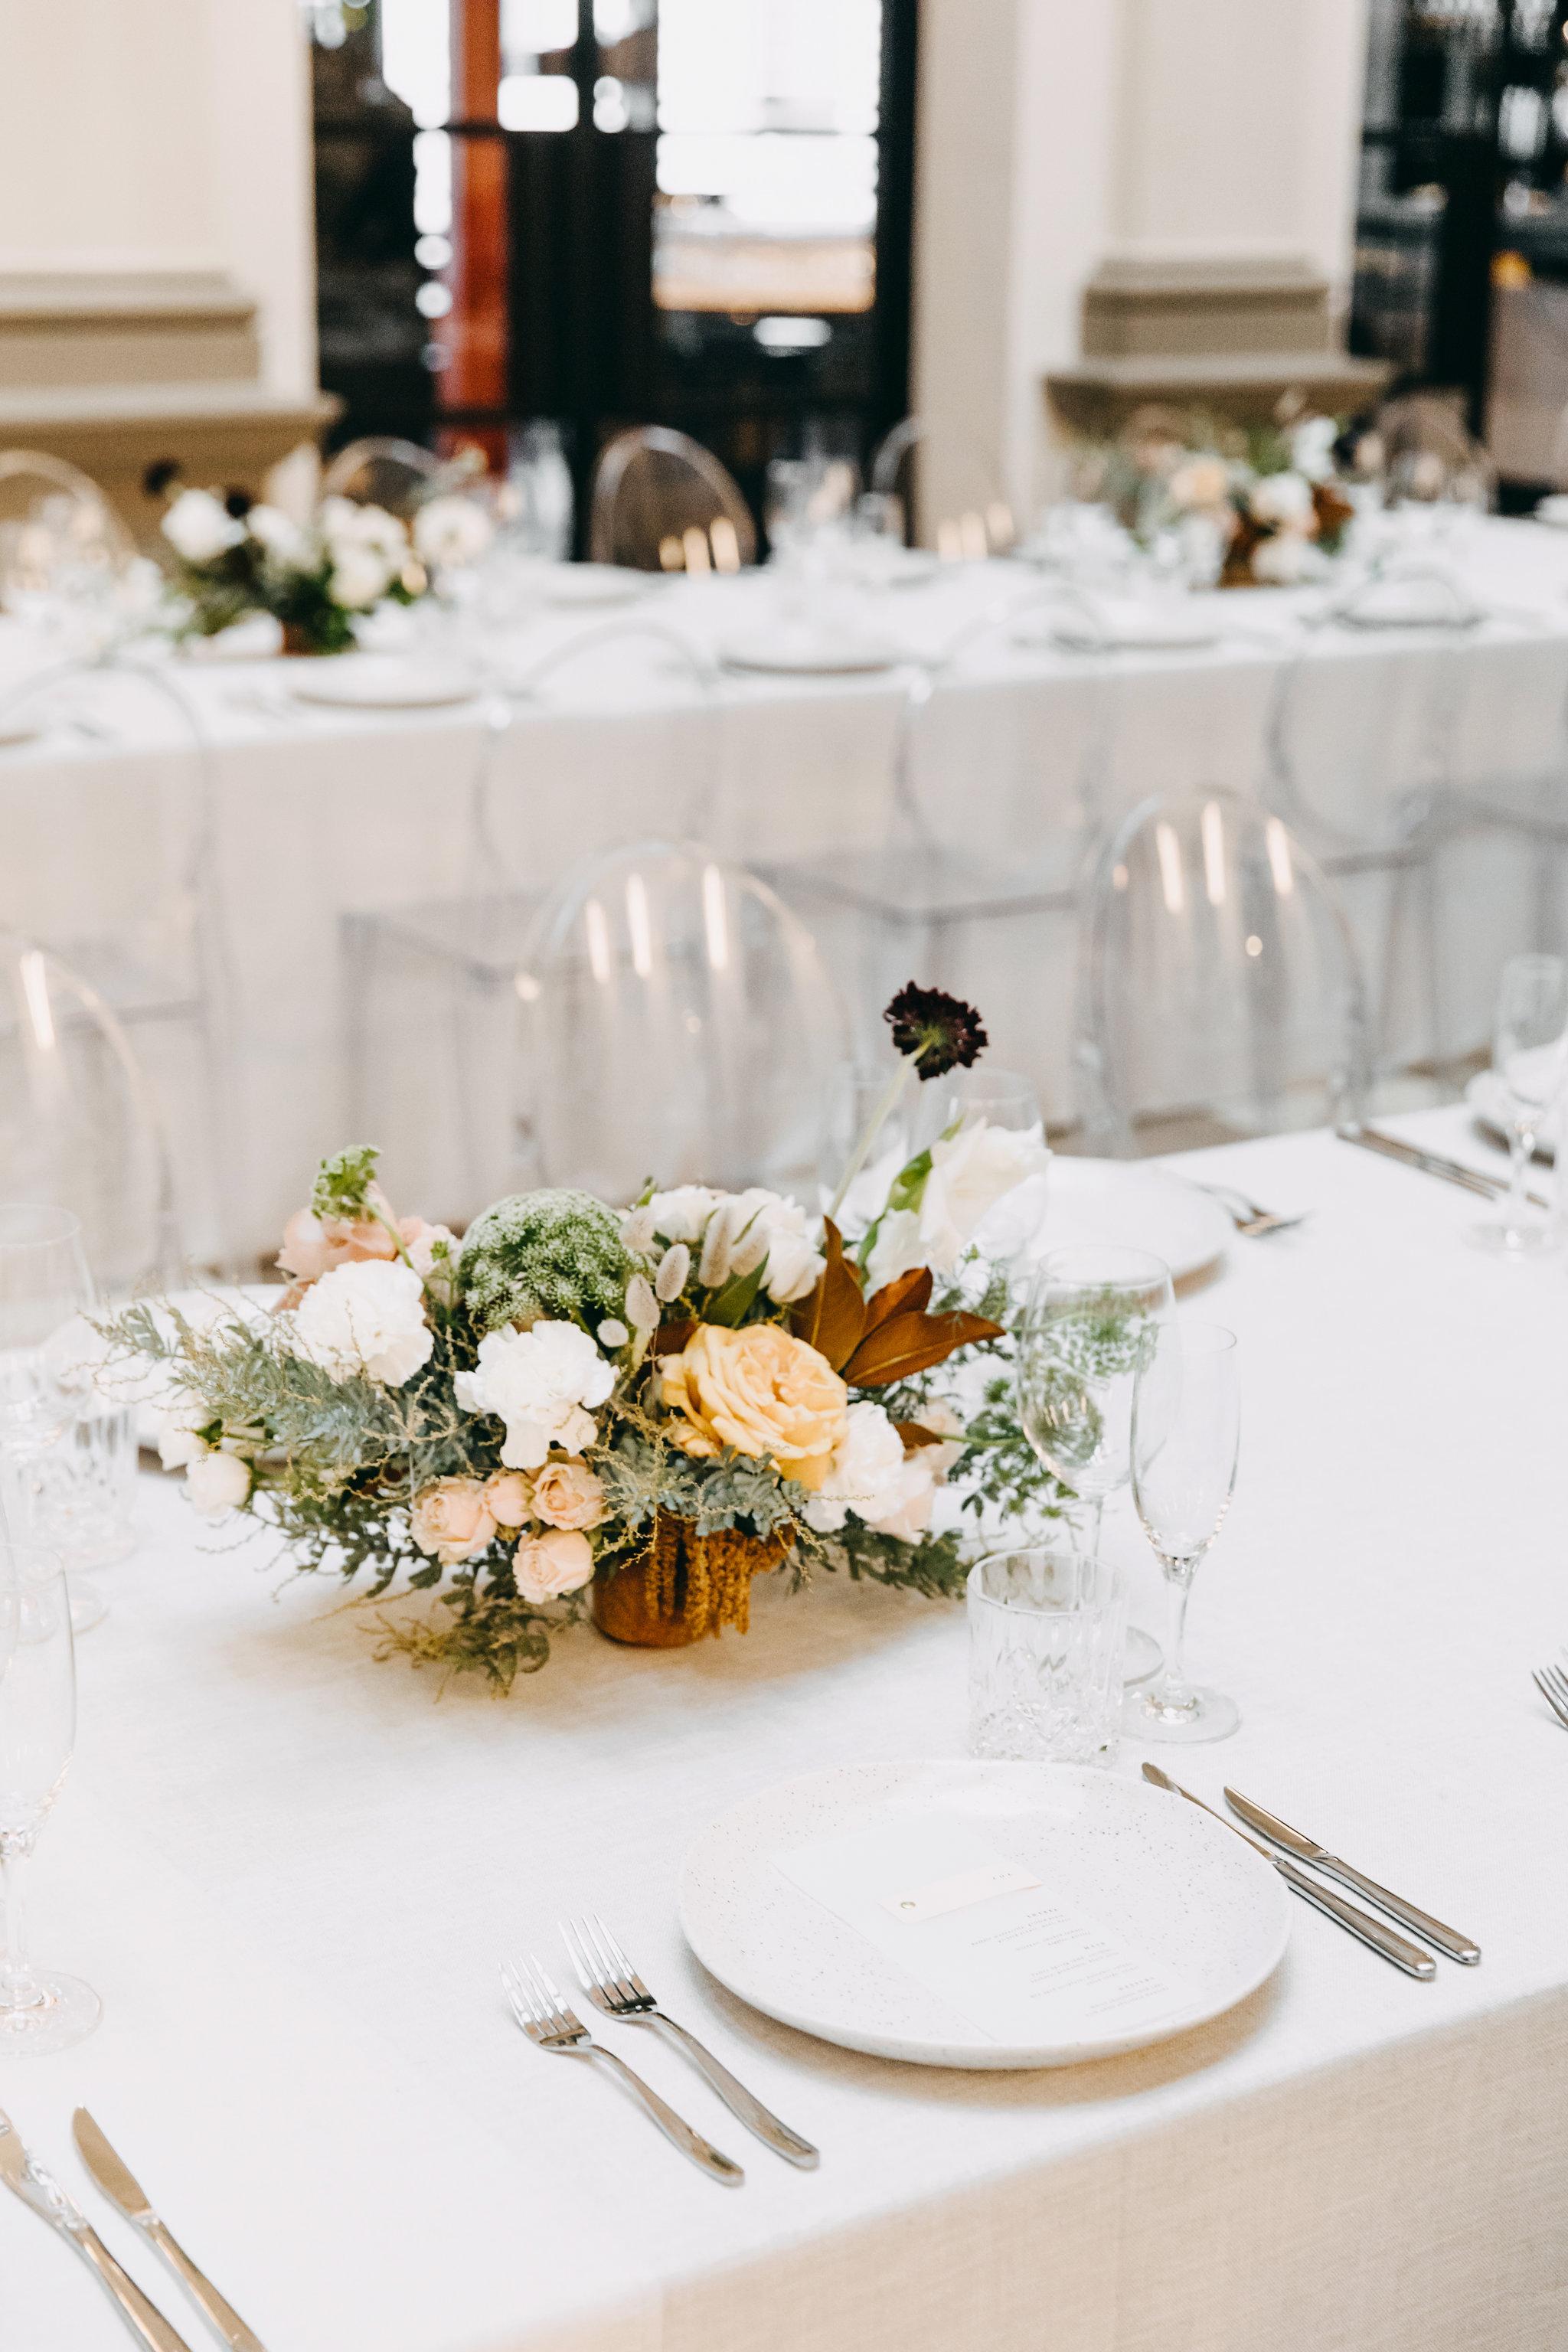 WEDDINGOPENDAY-STATEBUILDINGS-APR2018-43